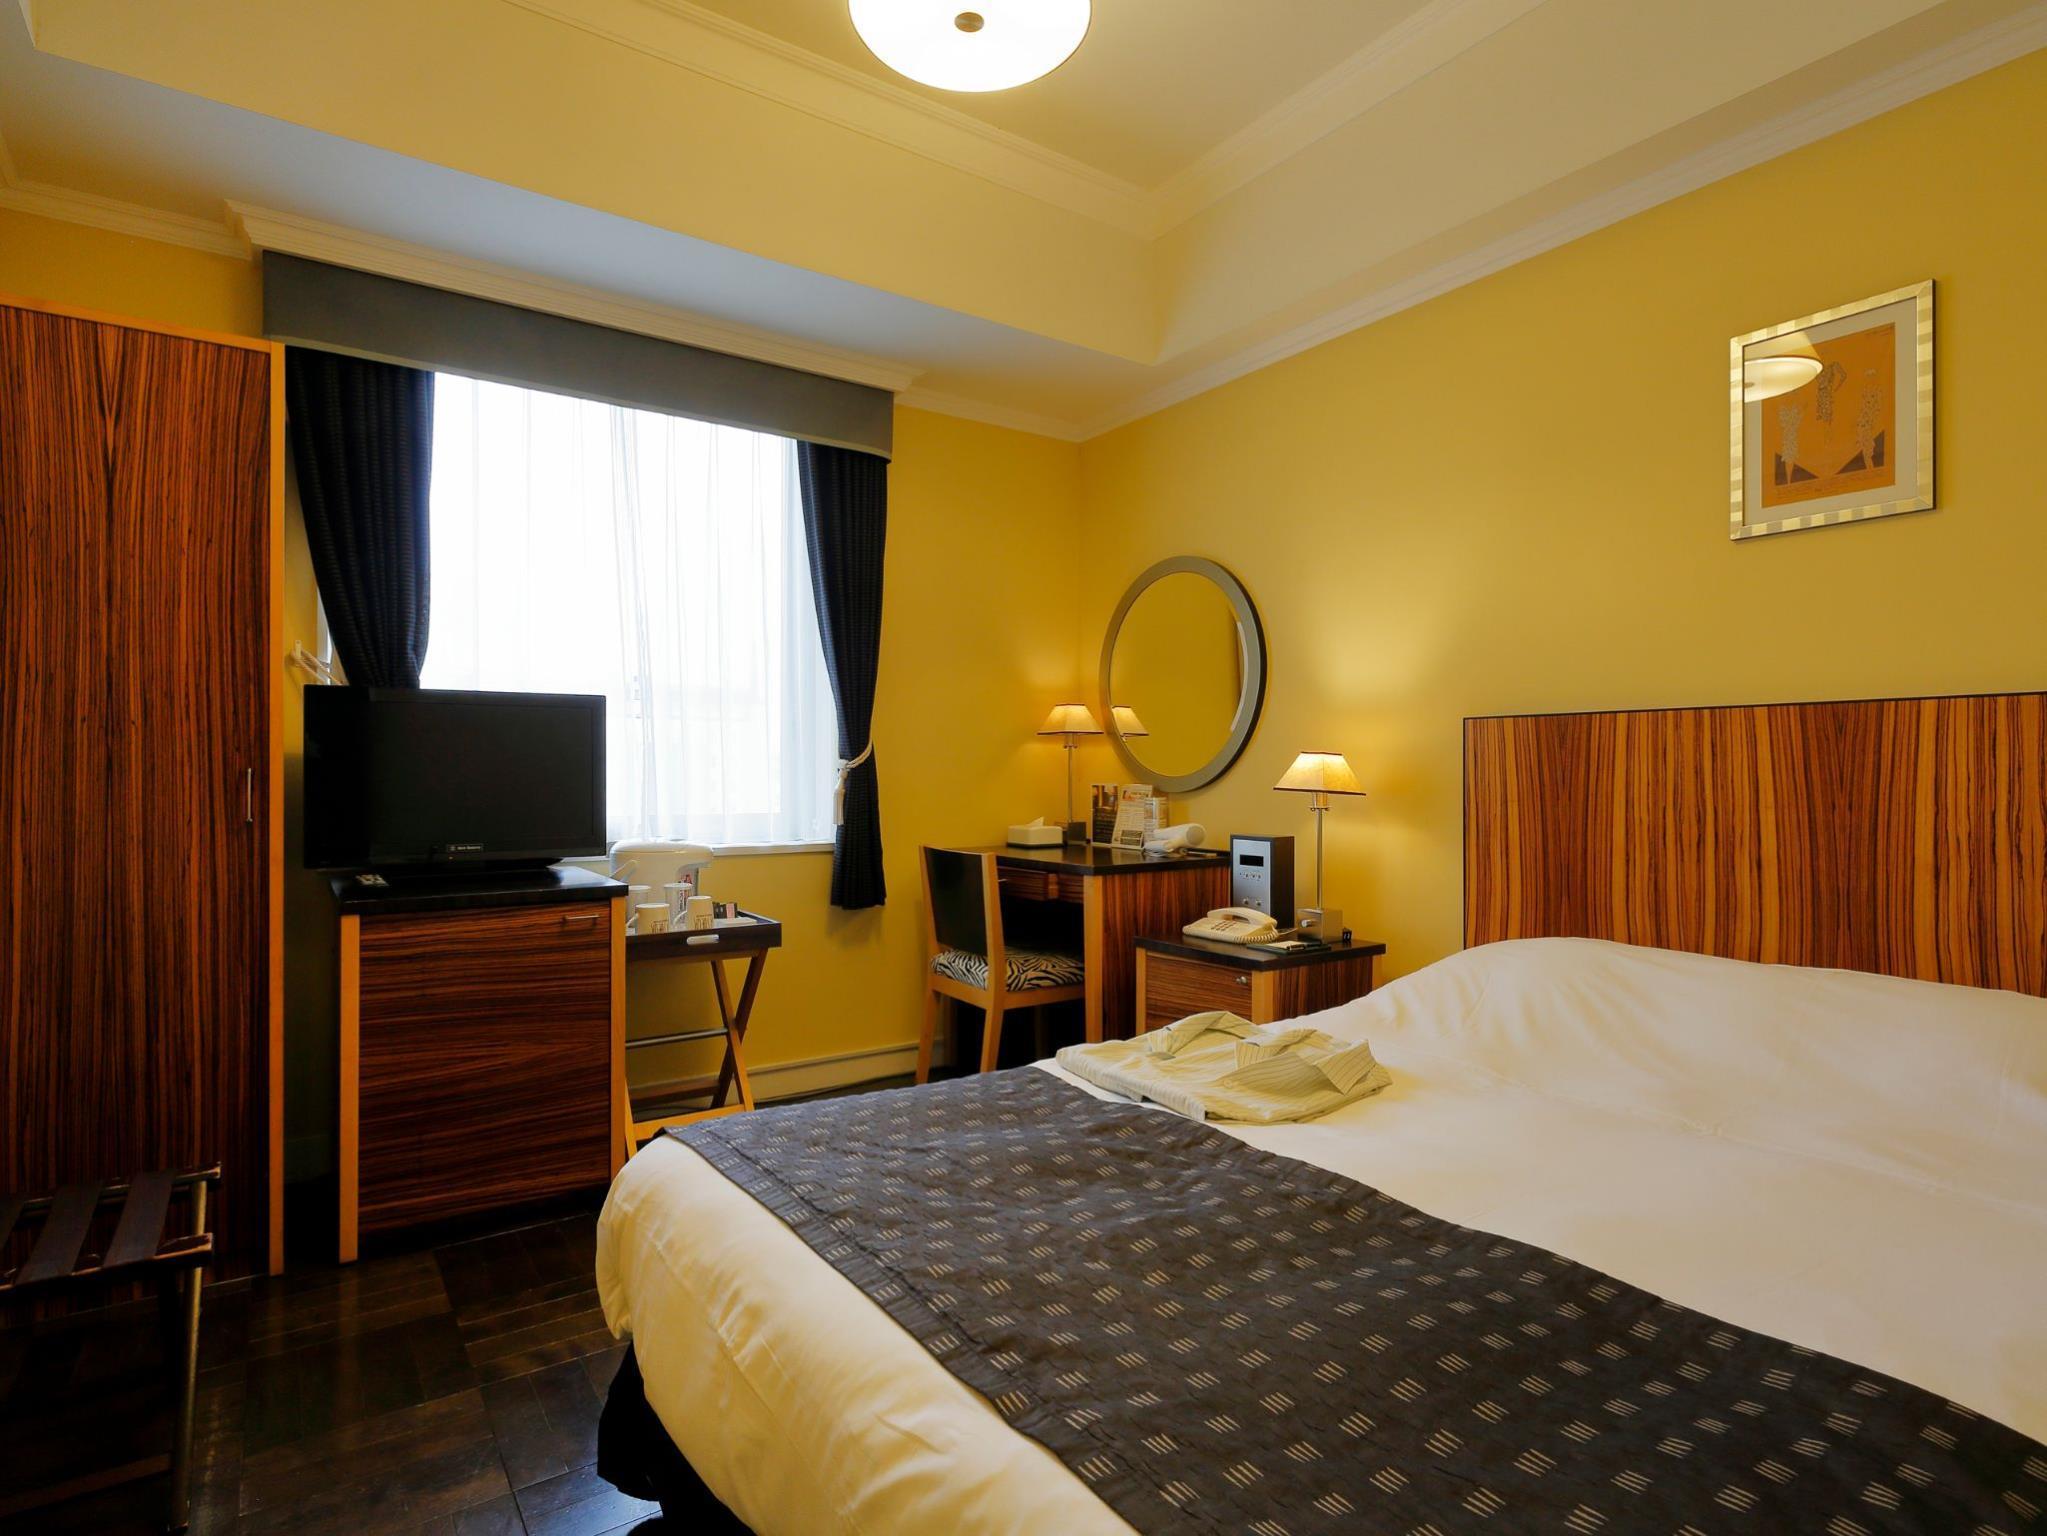 ホテル モントレ ラ スール 福岡 (Hotel Monterey La Soeur Fukuoka) クチコミあり - 福岡